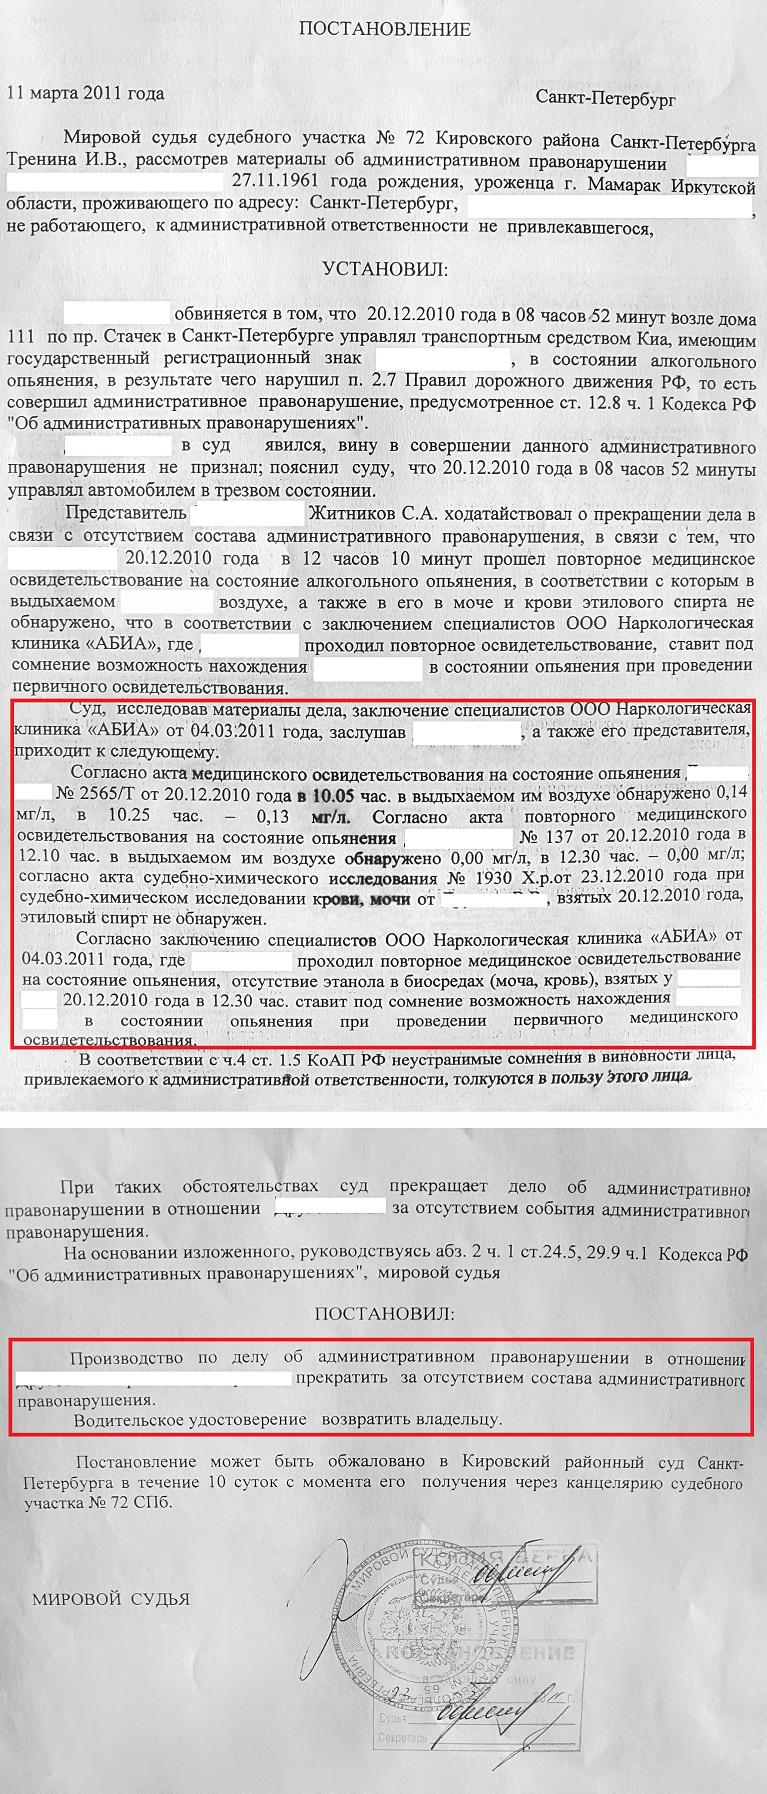 Кировский районный суд города Уфы Республики Башкортостан